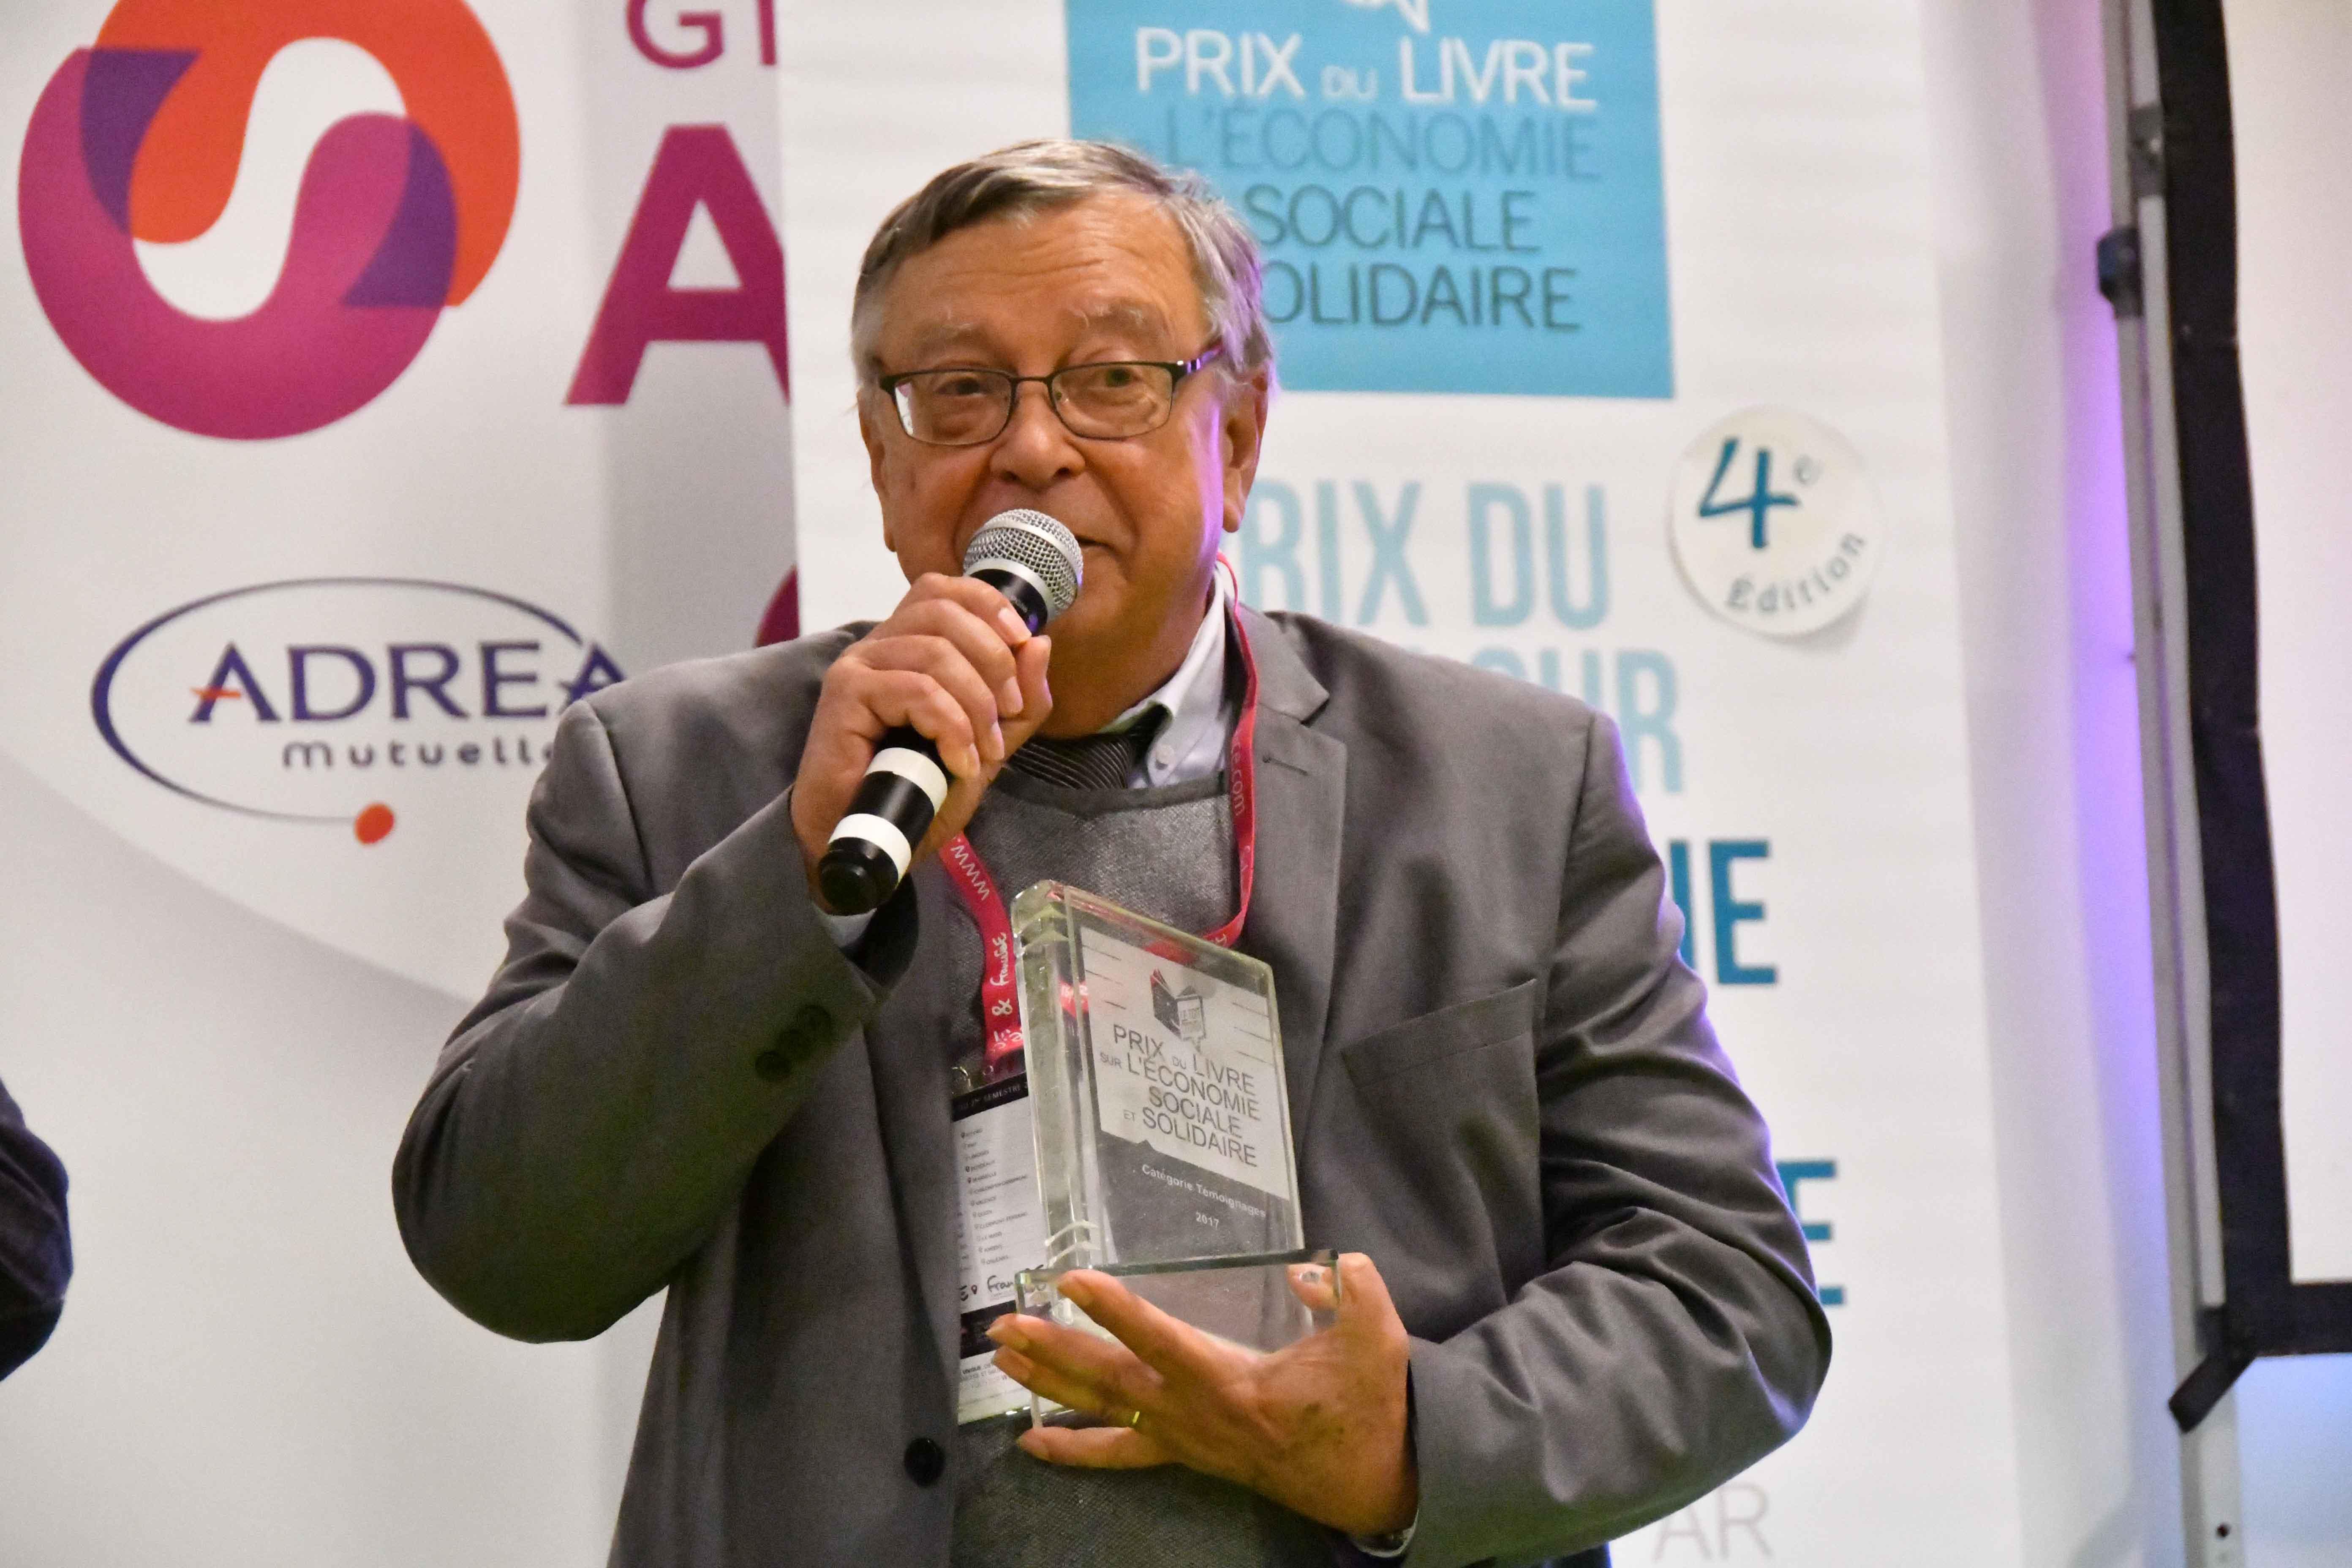 """Michel Porta remercie les CE du Toit Citoyen et salue l'éditeur de sa confiance; """" Il y a 50 ans que je n'avais pas gagné un prix..."""" Photo : Catherine Cros"""